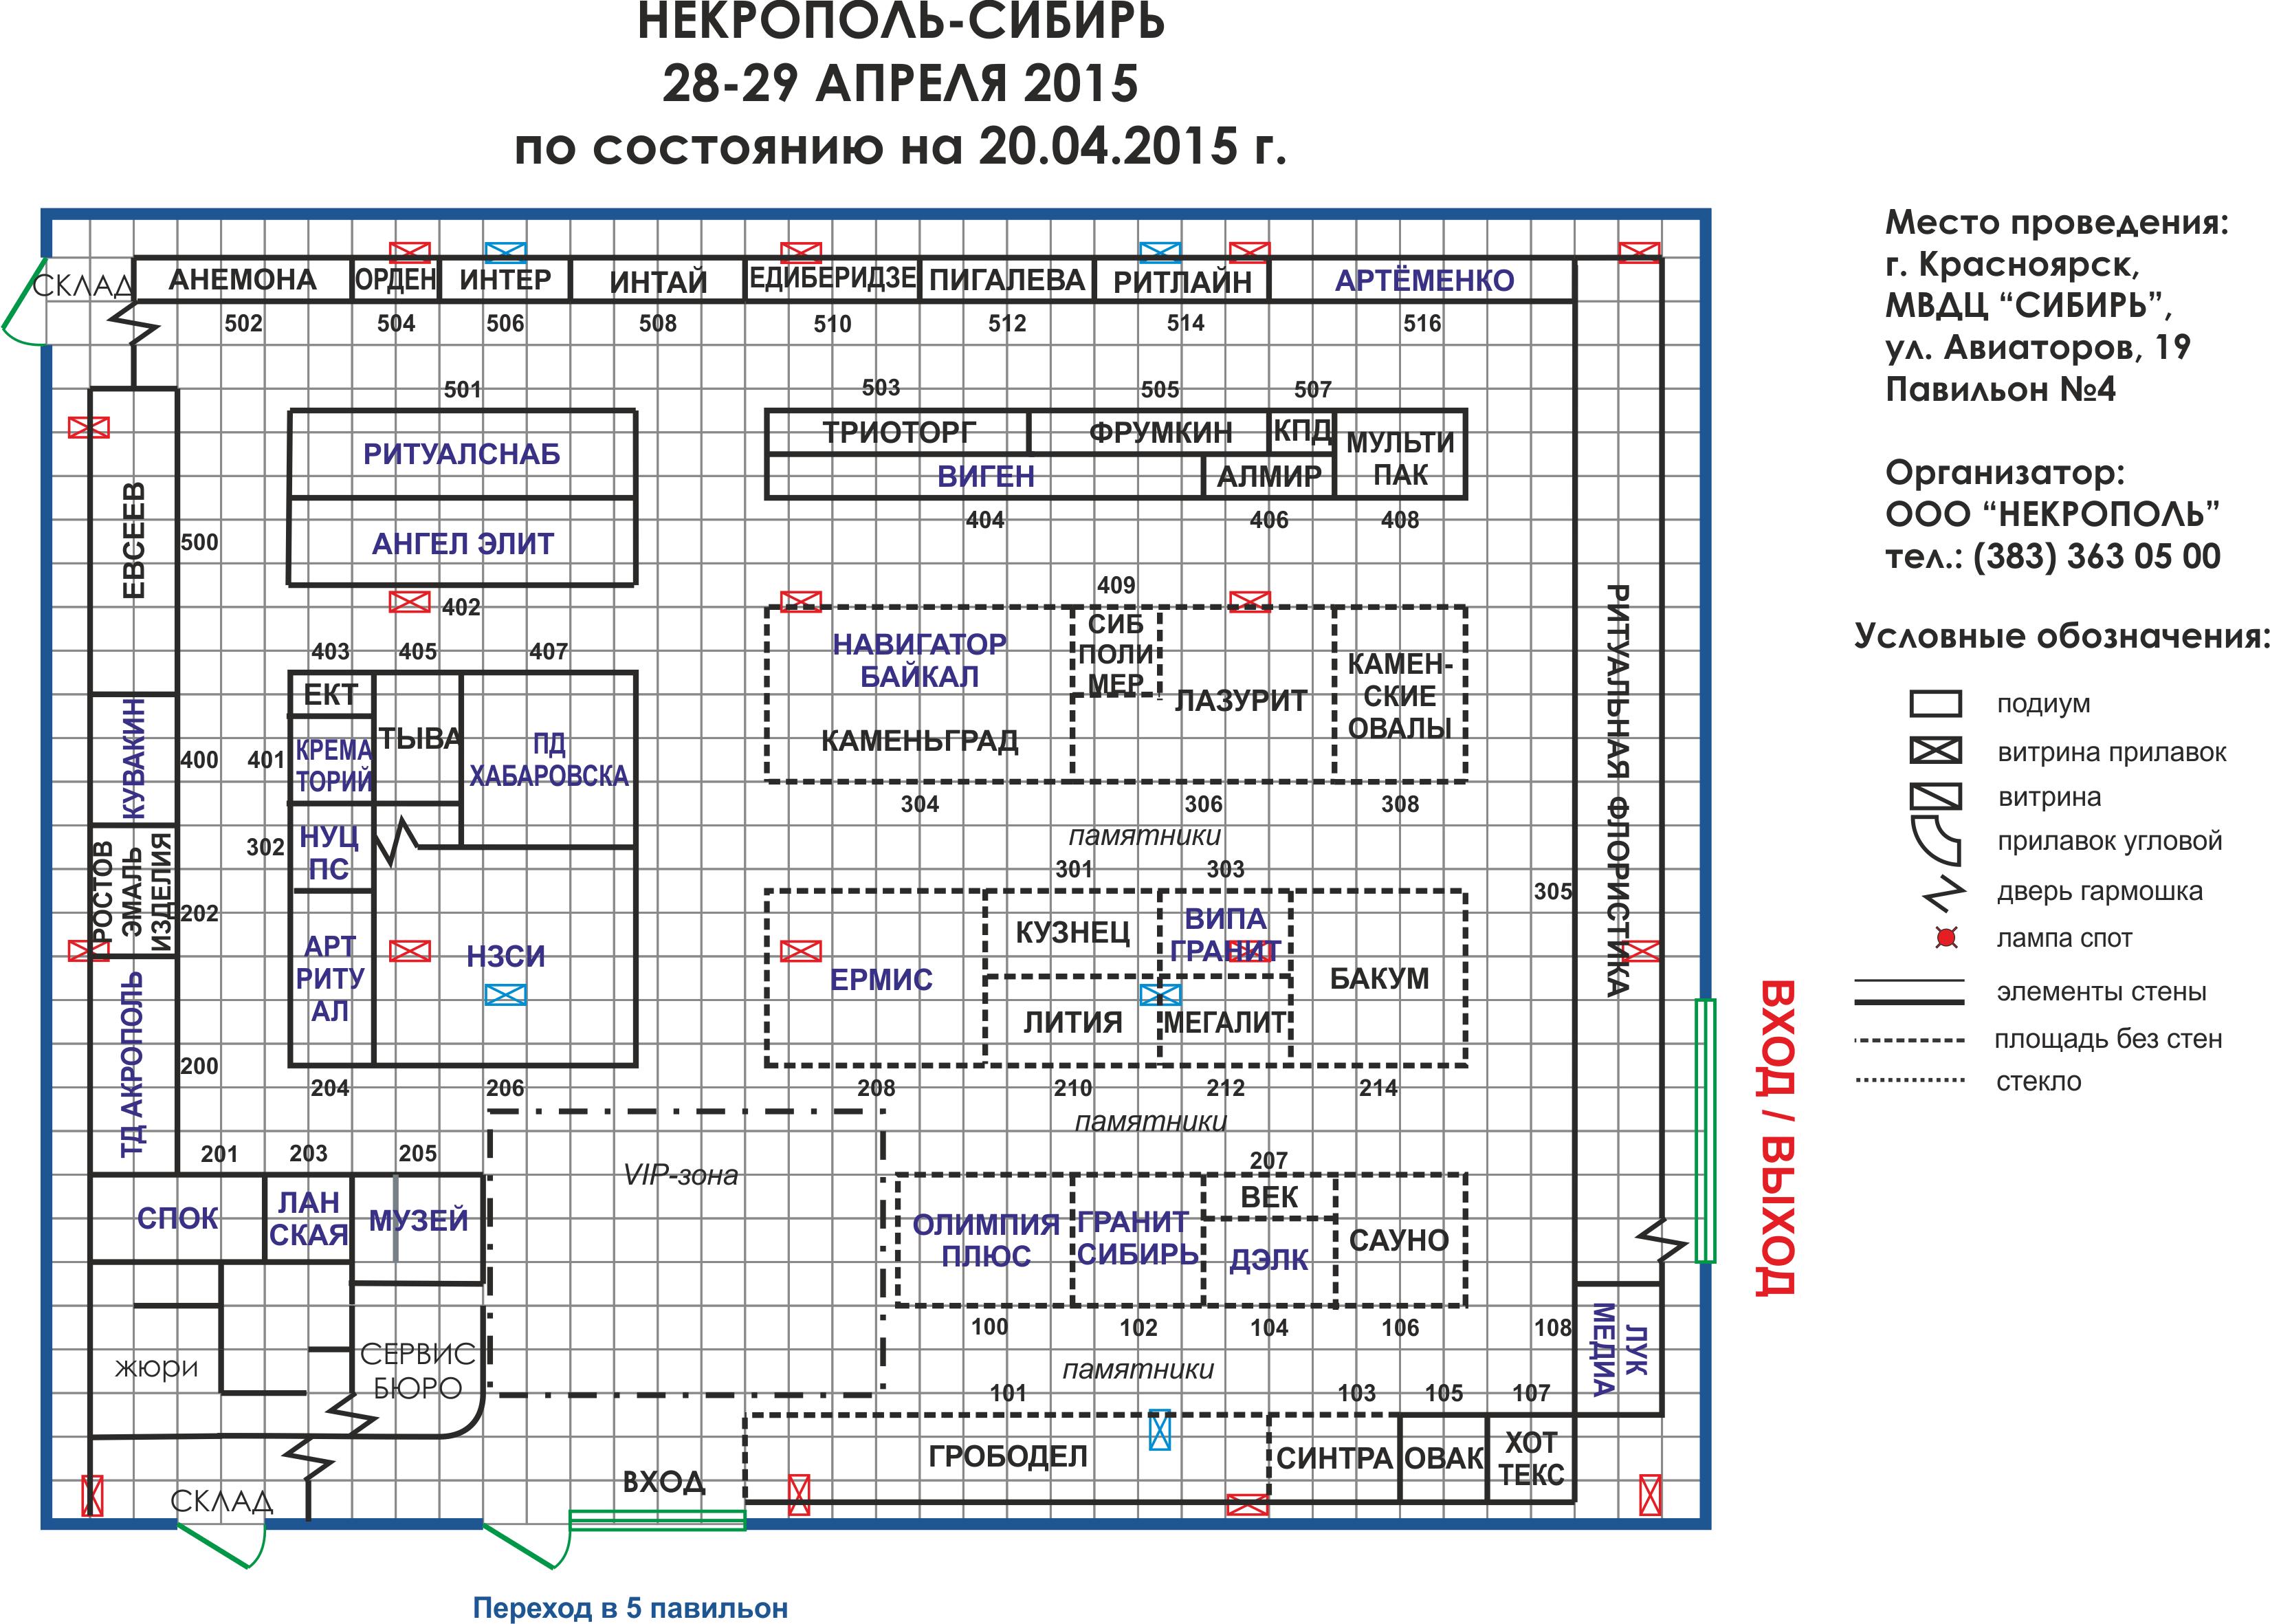 план выставки Некрополь Сибирь